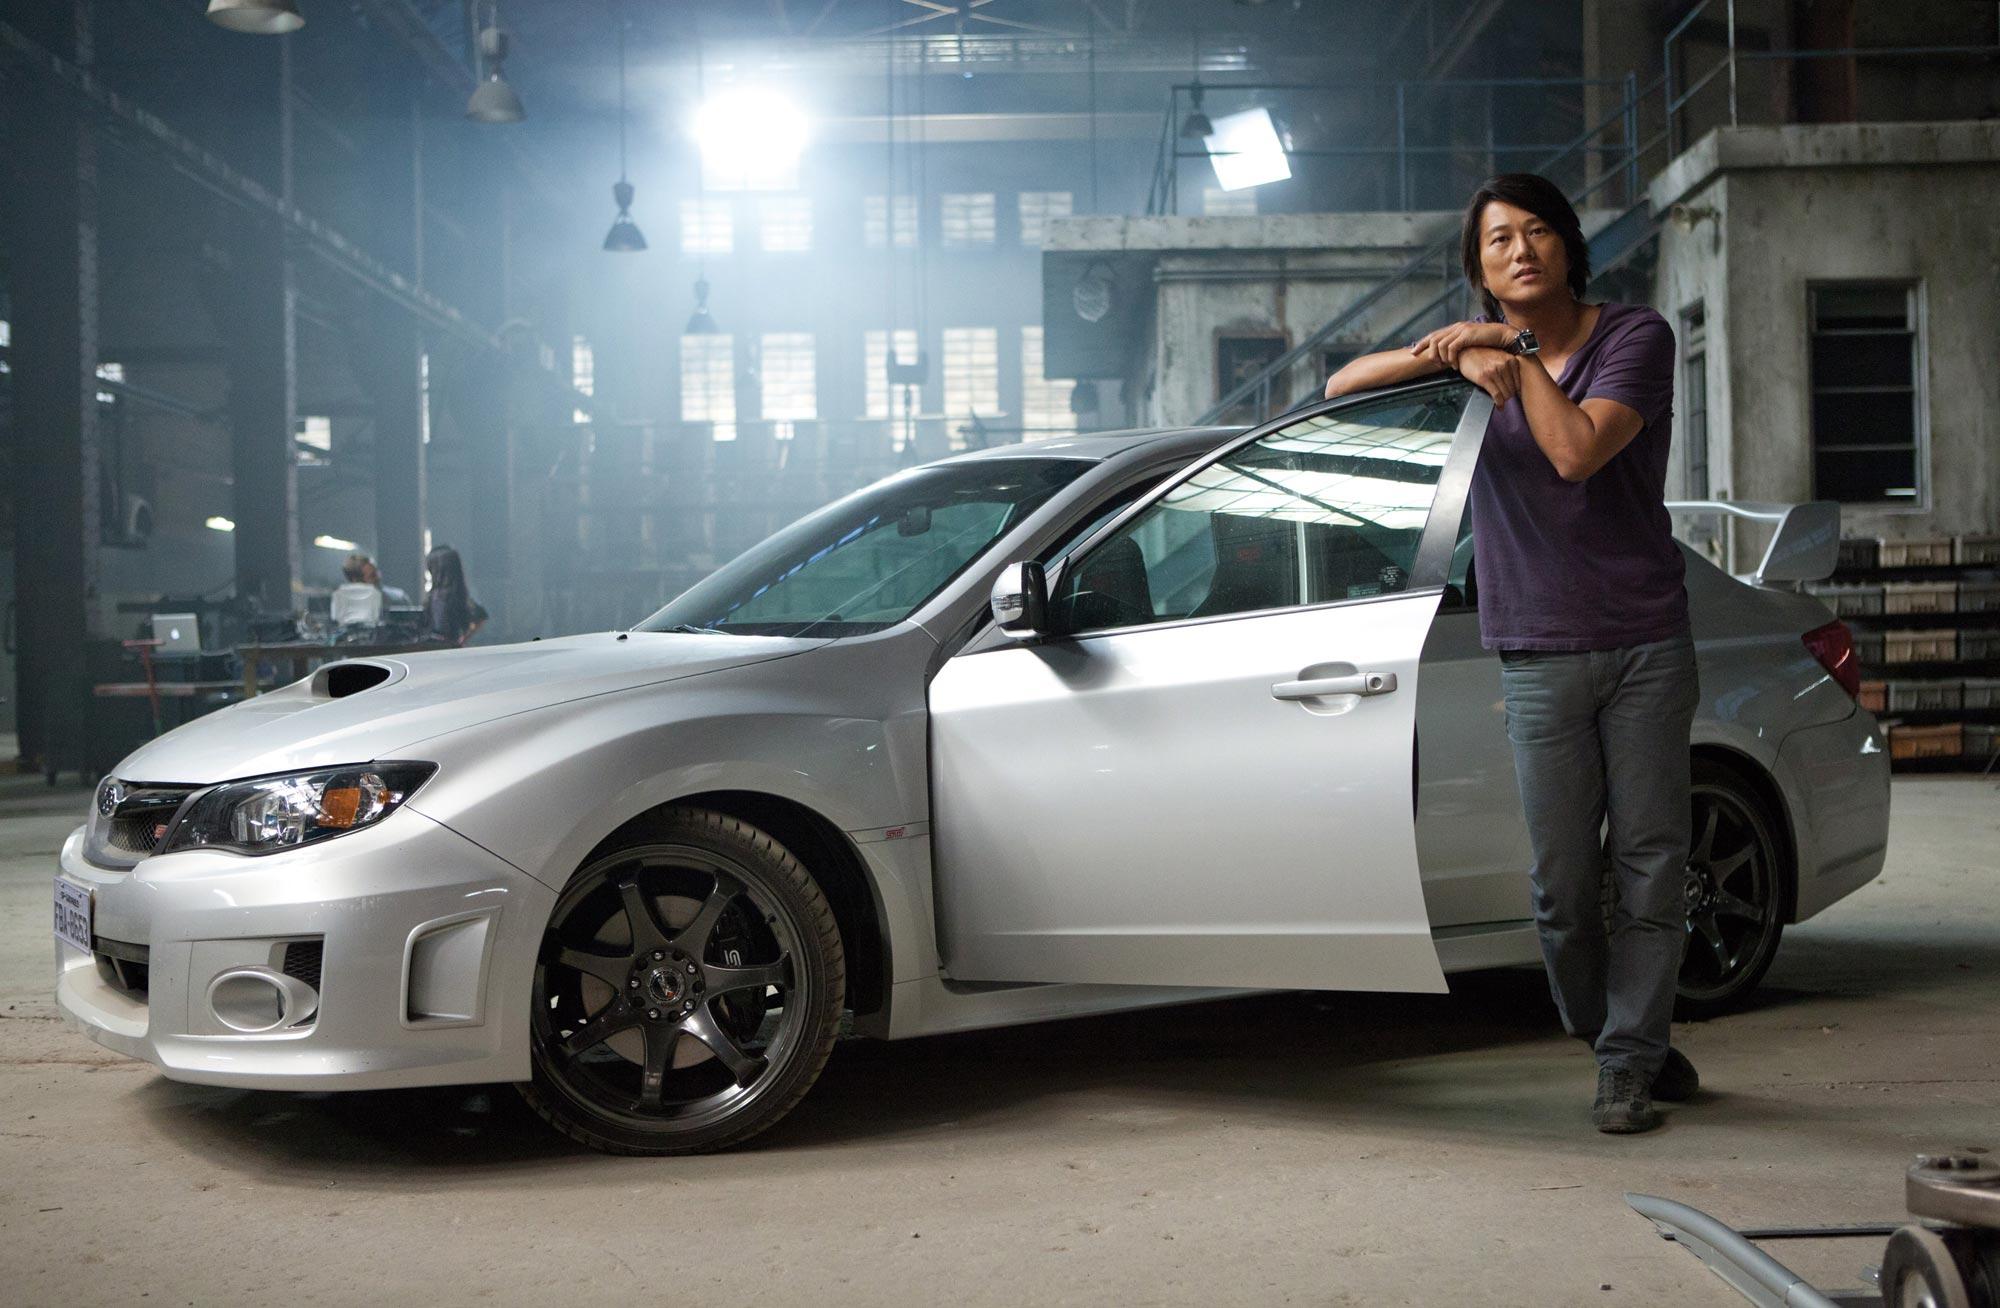 Fast and Furious 5, Sung Kang (Han)